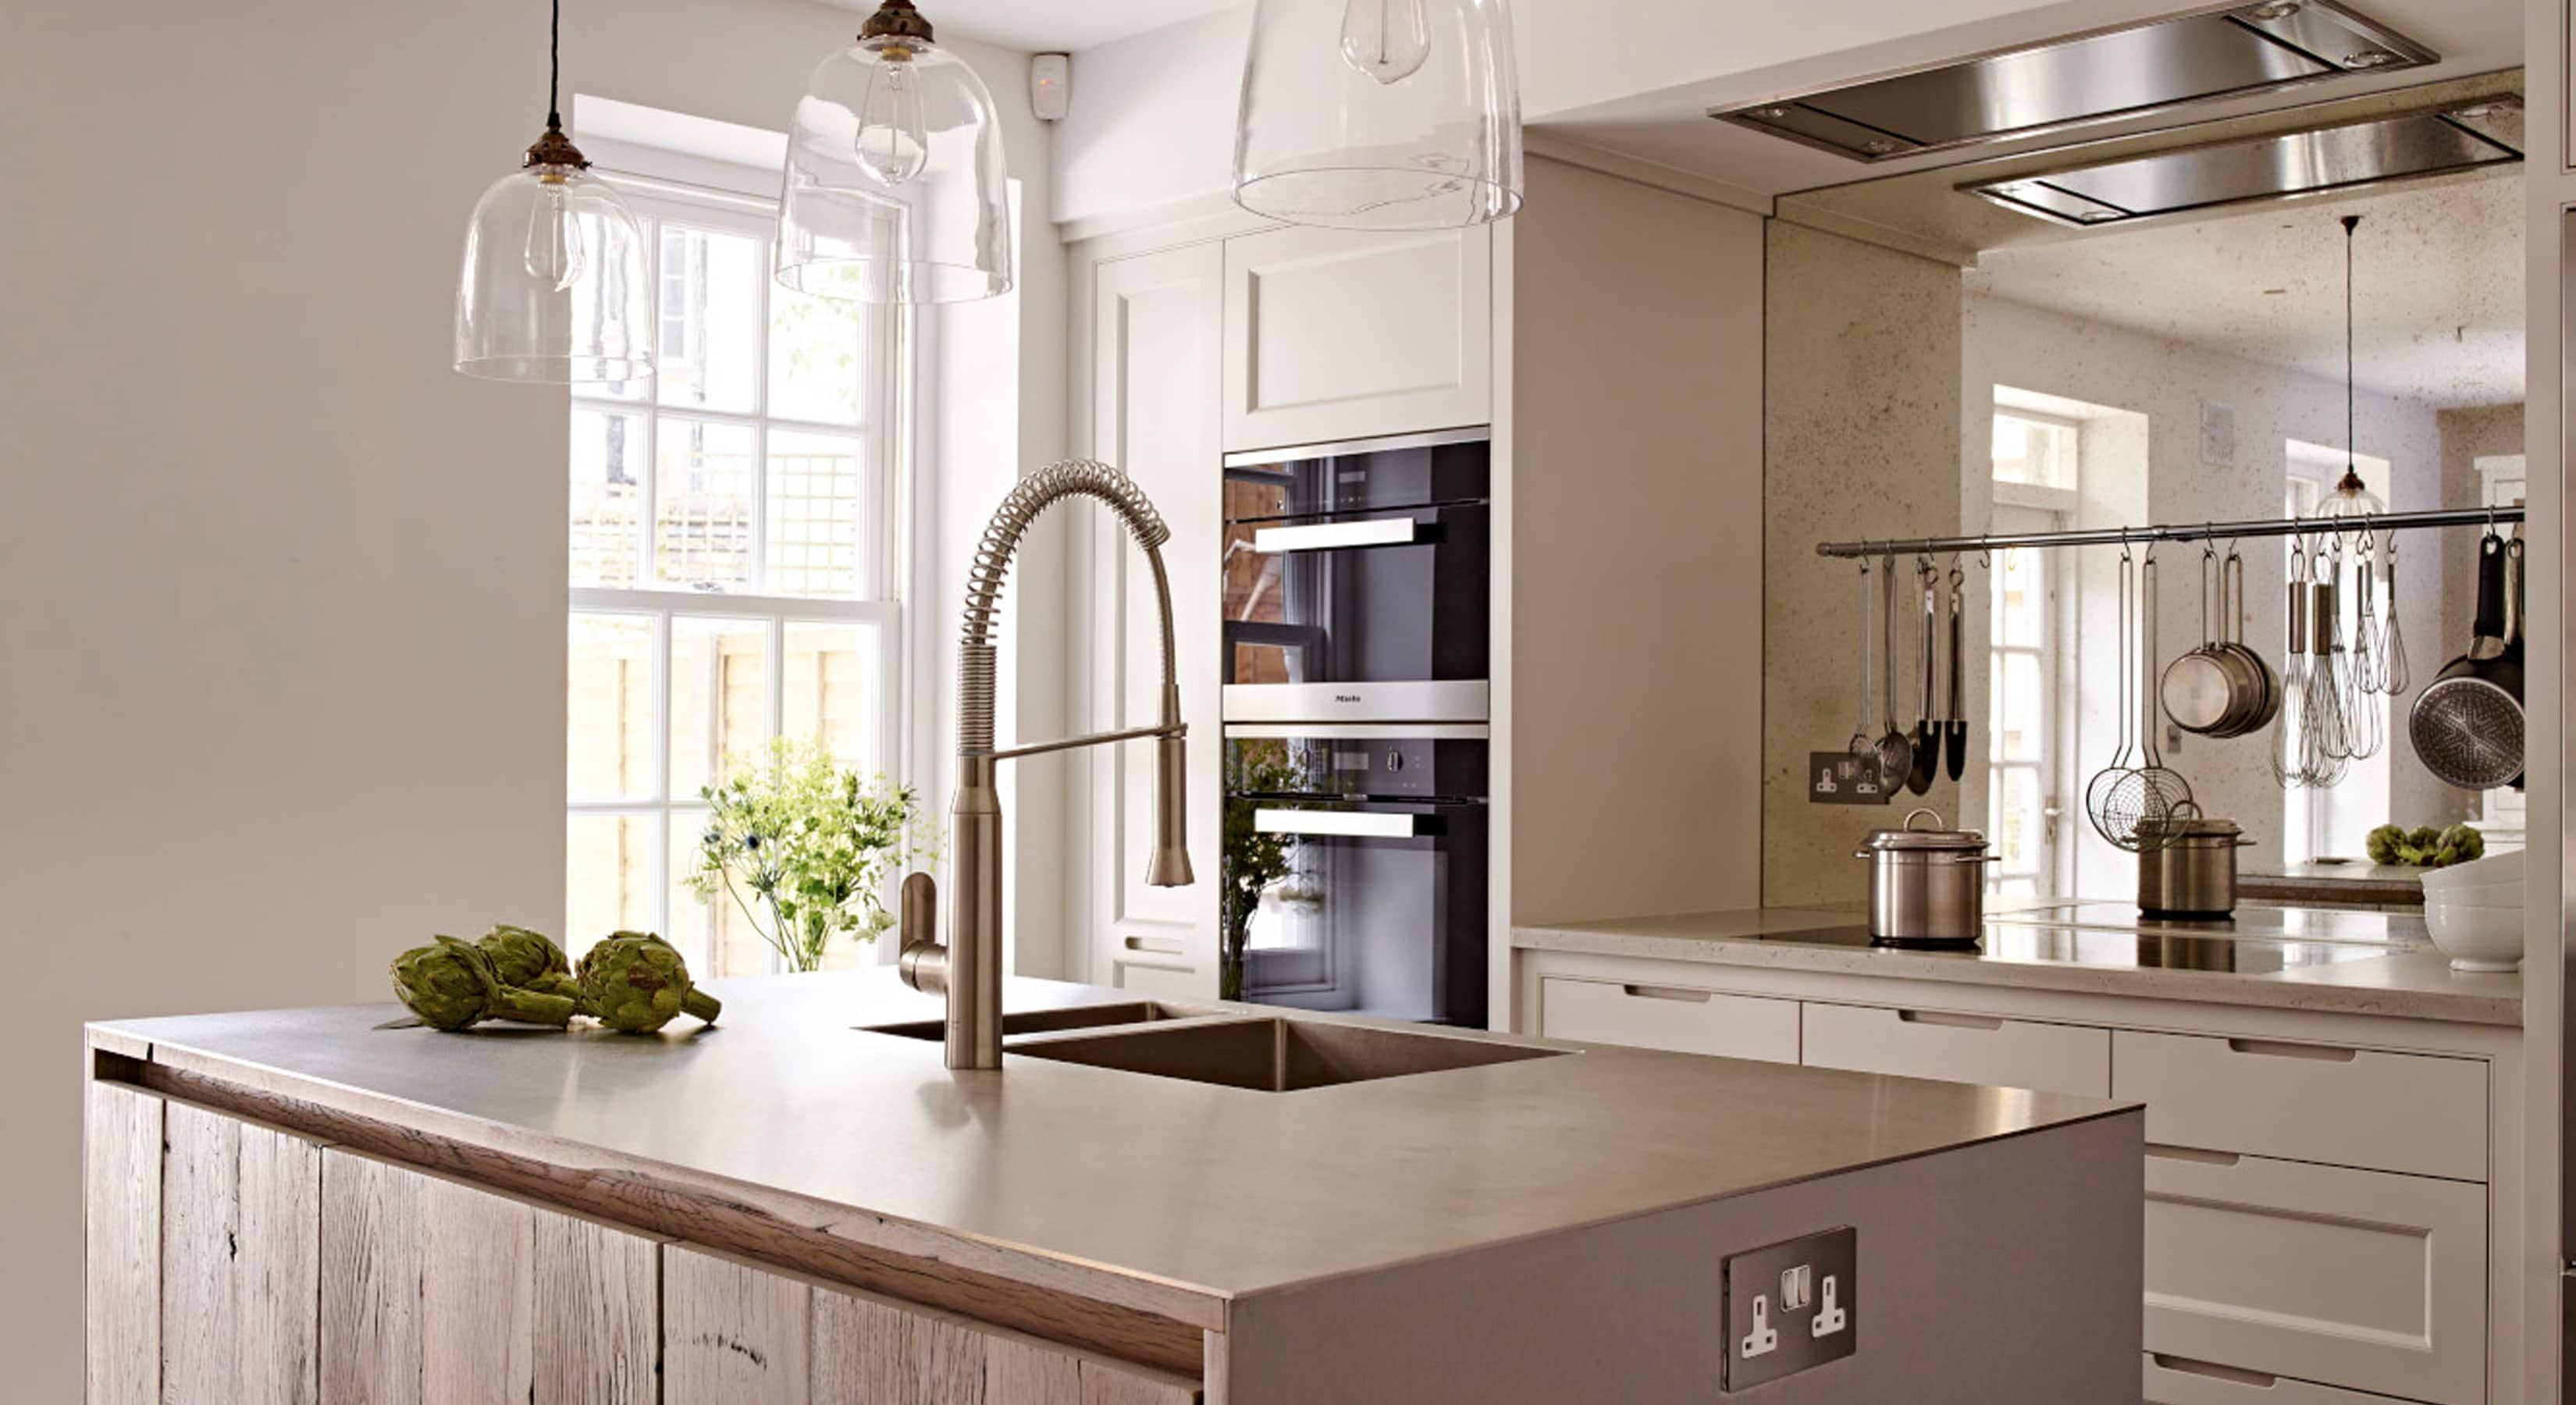 Modern kitchen concept with mirrored splashback